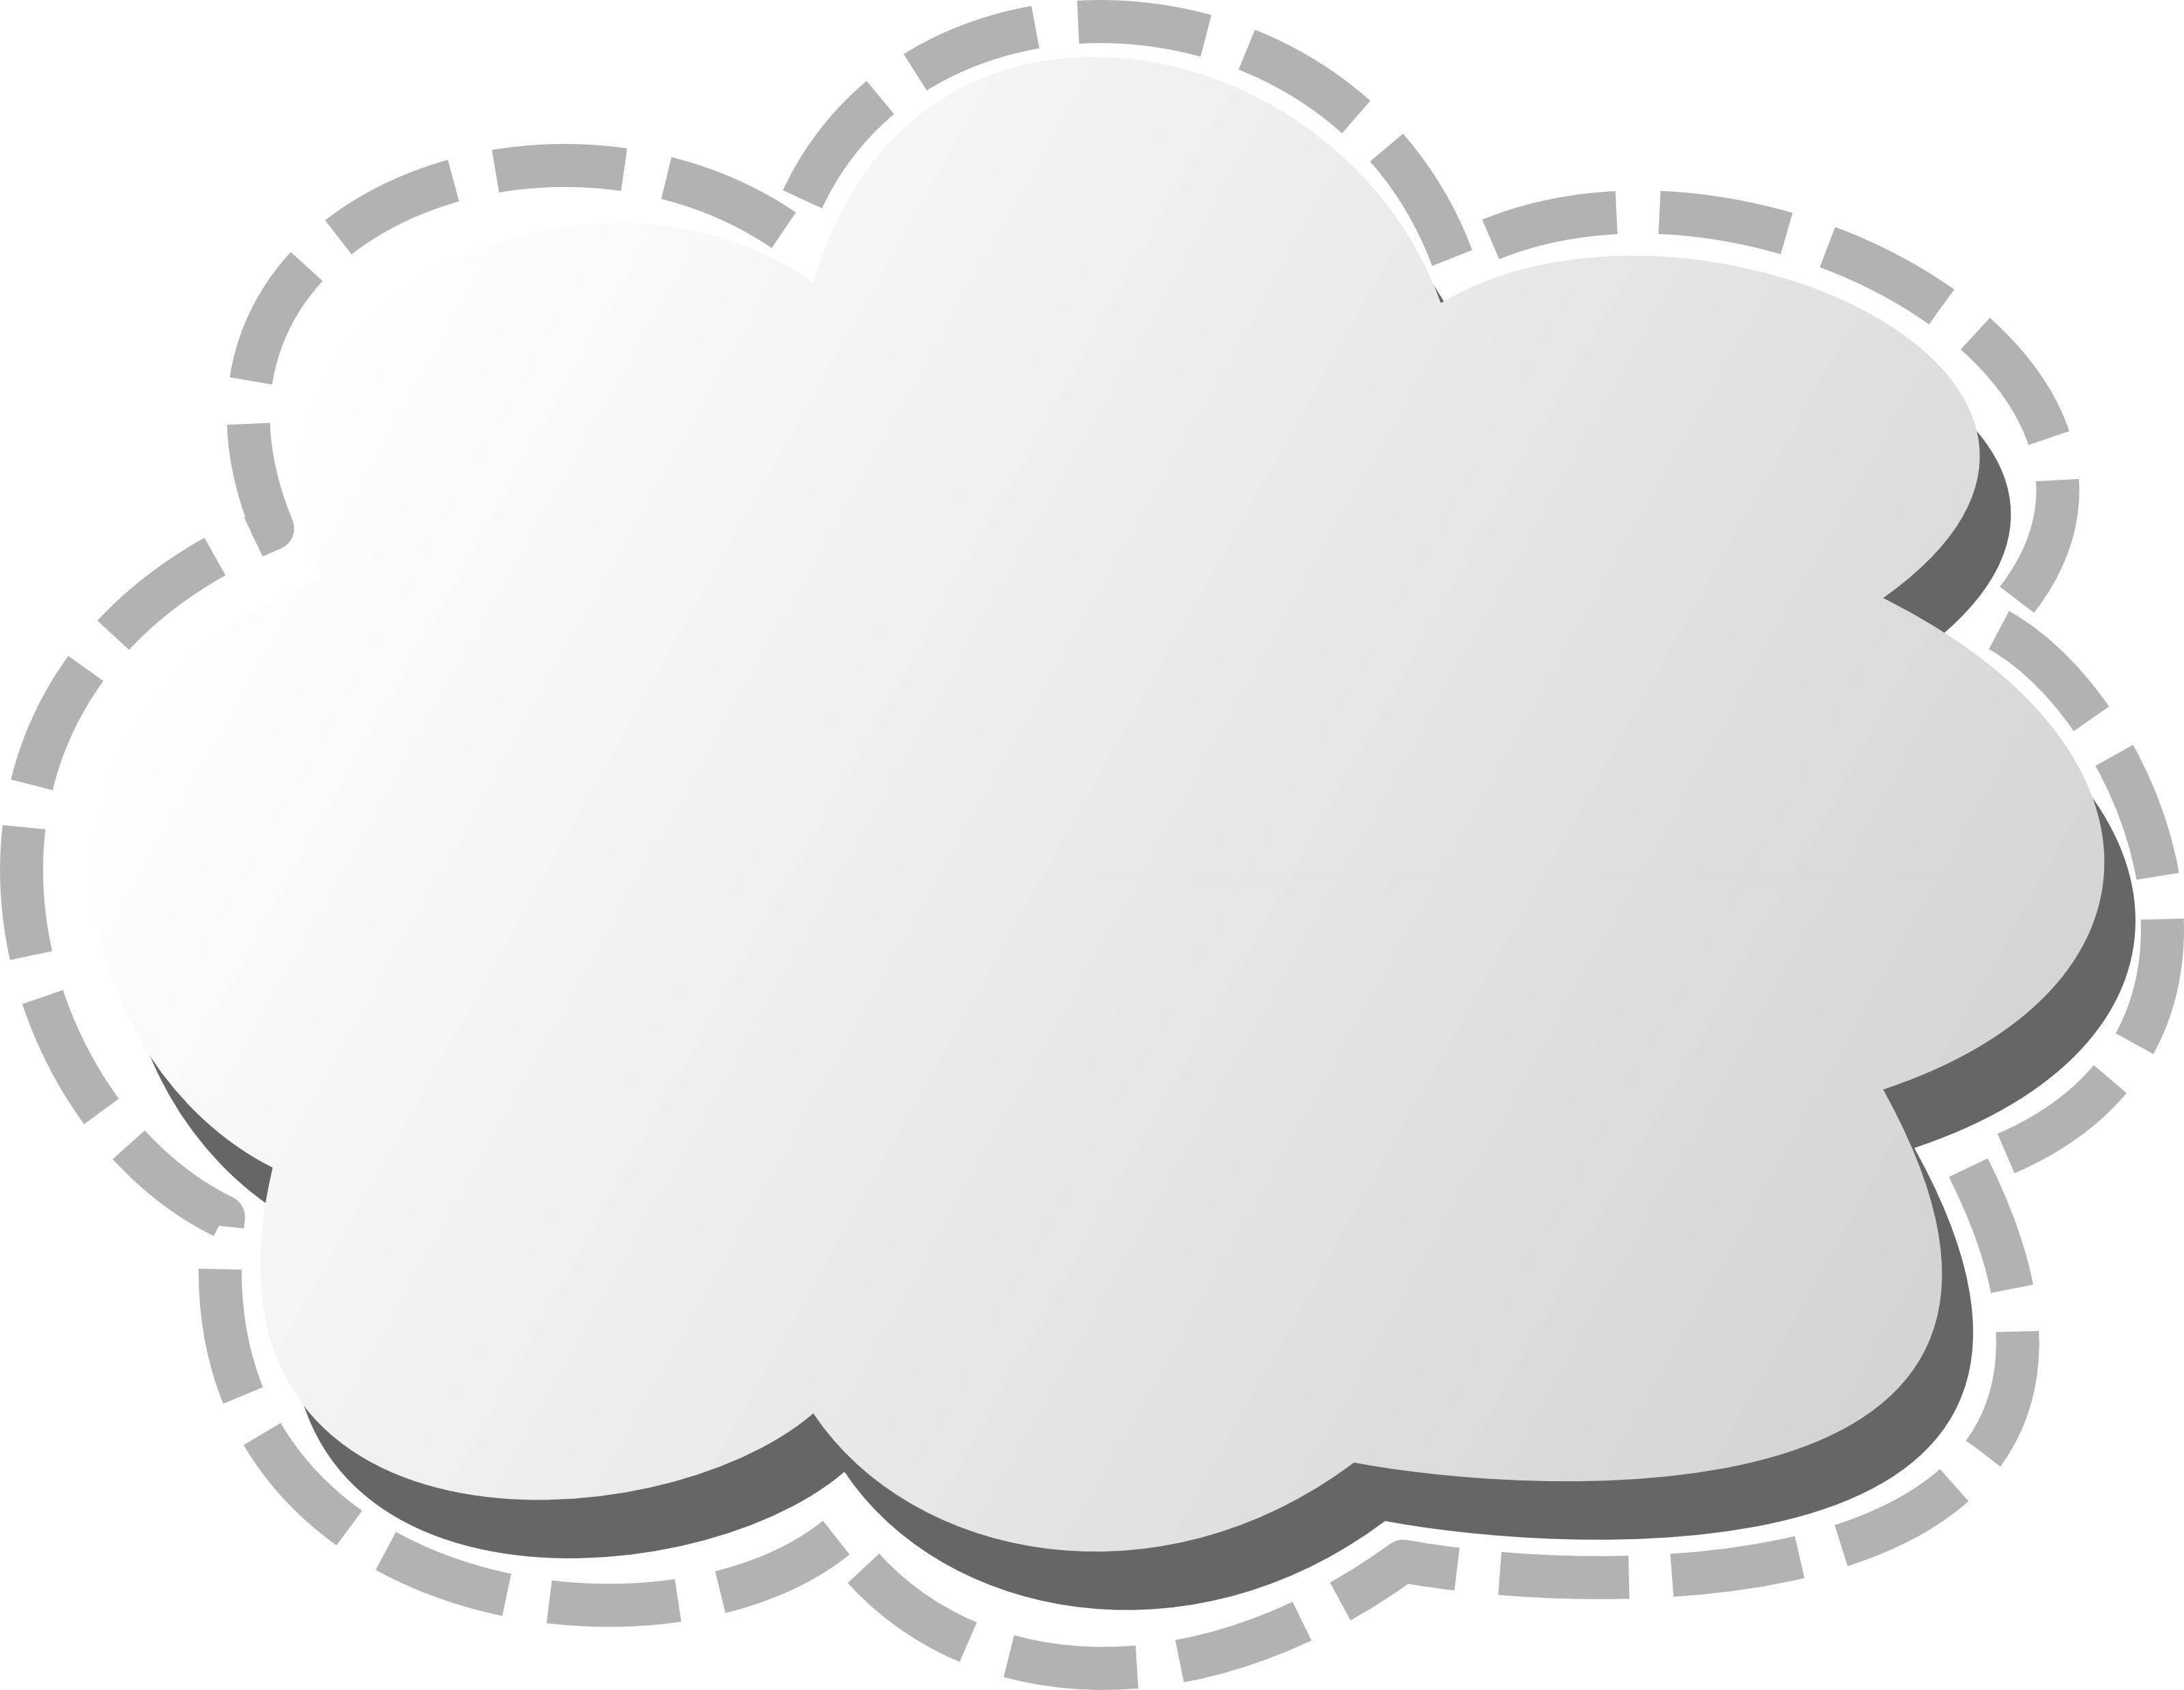 3d cloud clip art image.